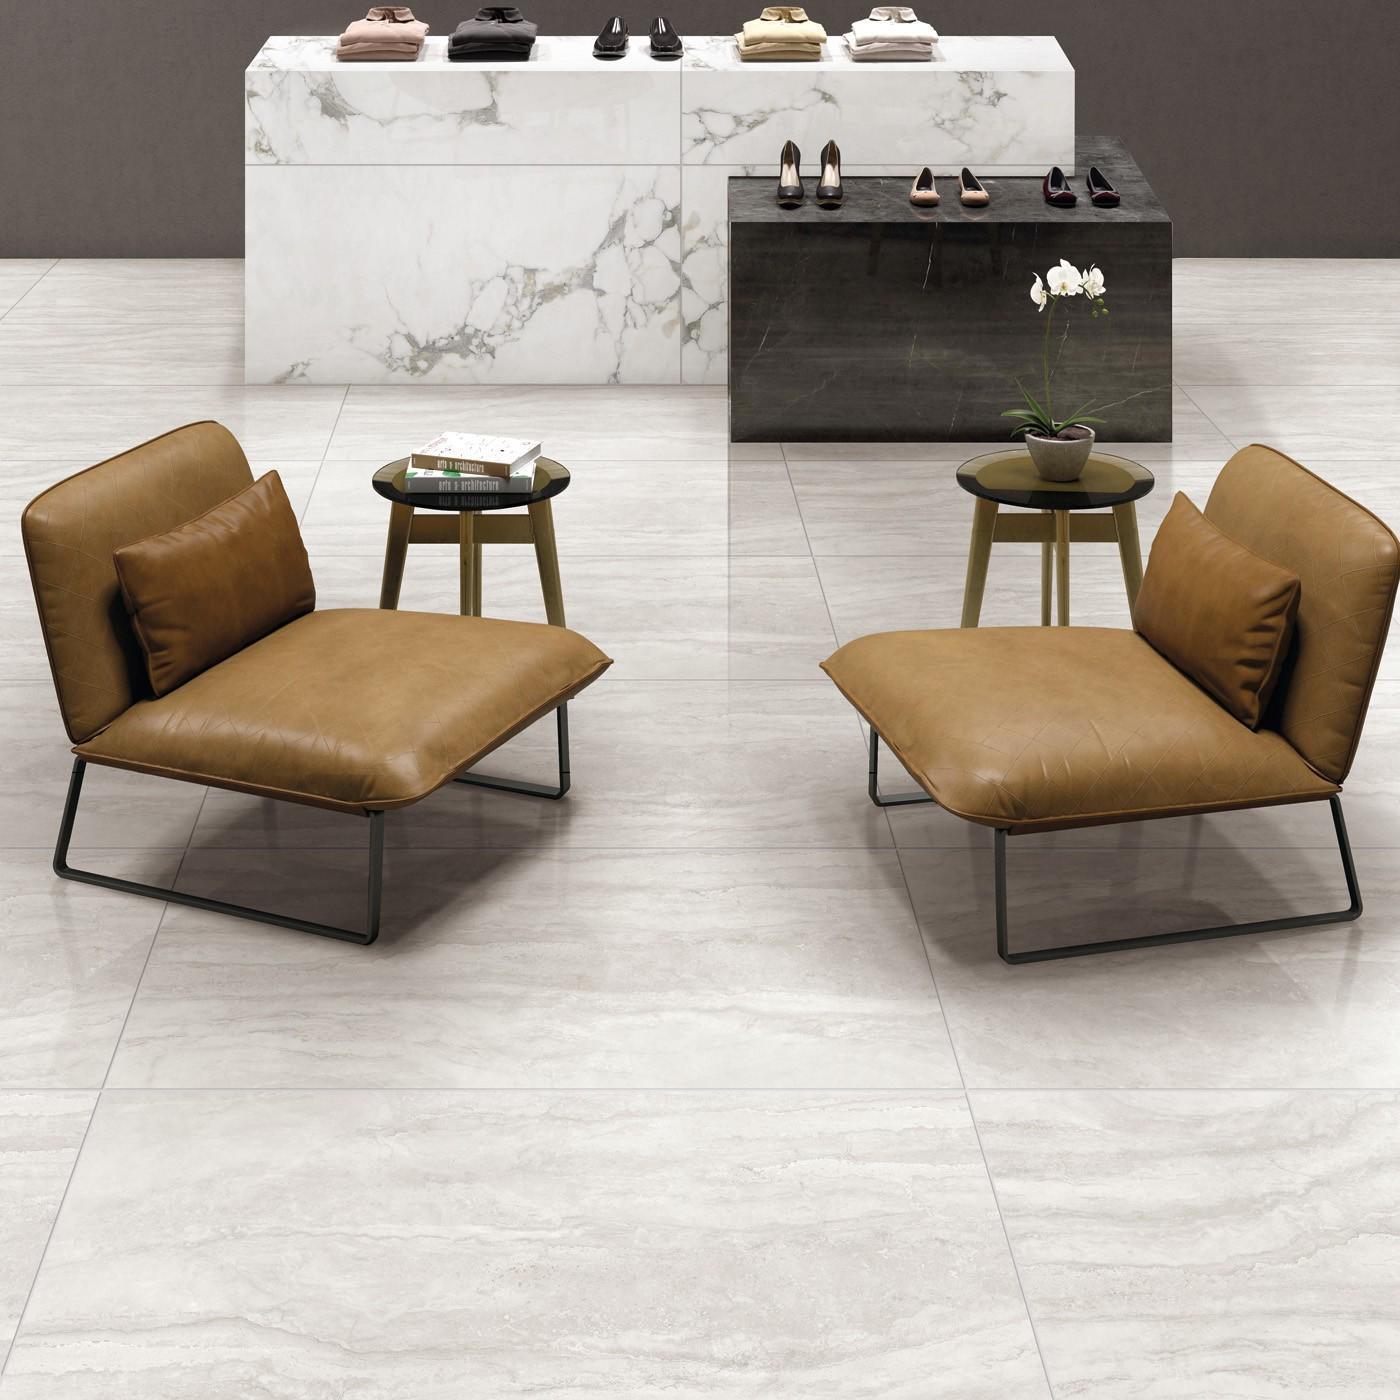 Latest porcelain tiles for sale altman company for villas-3